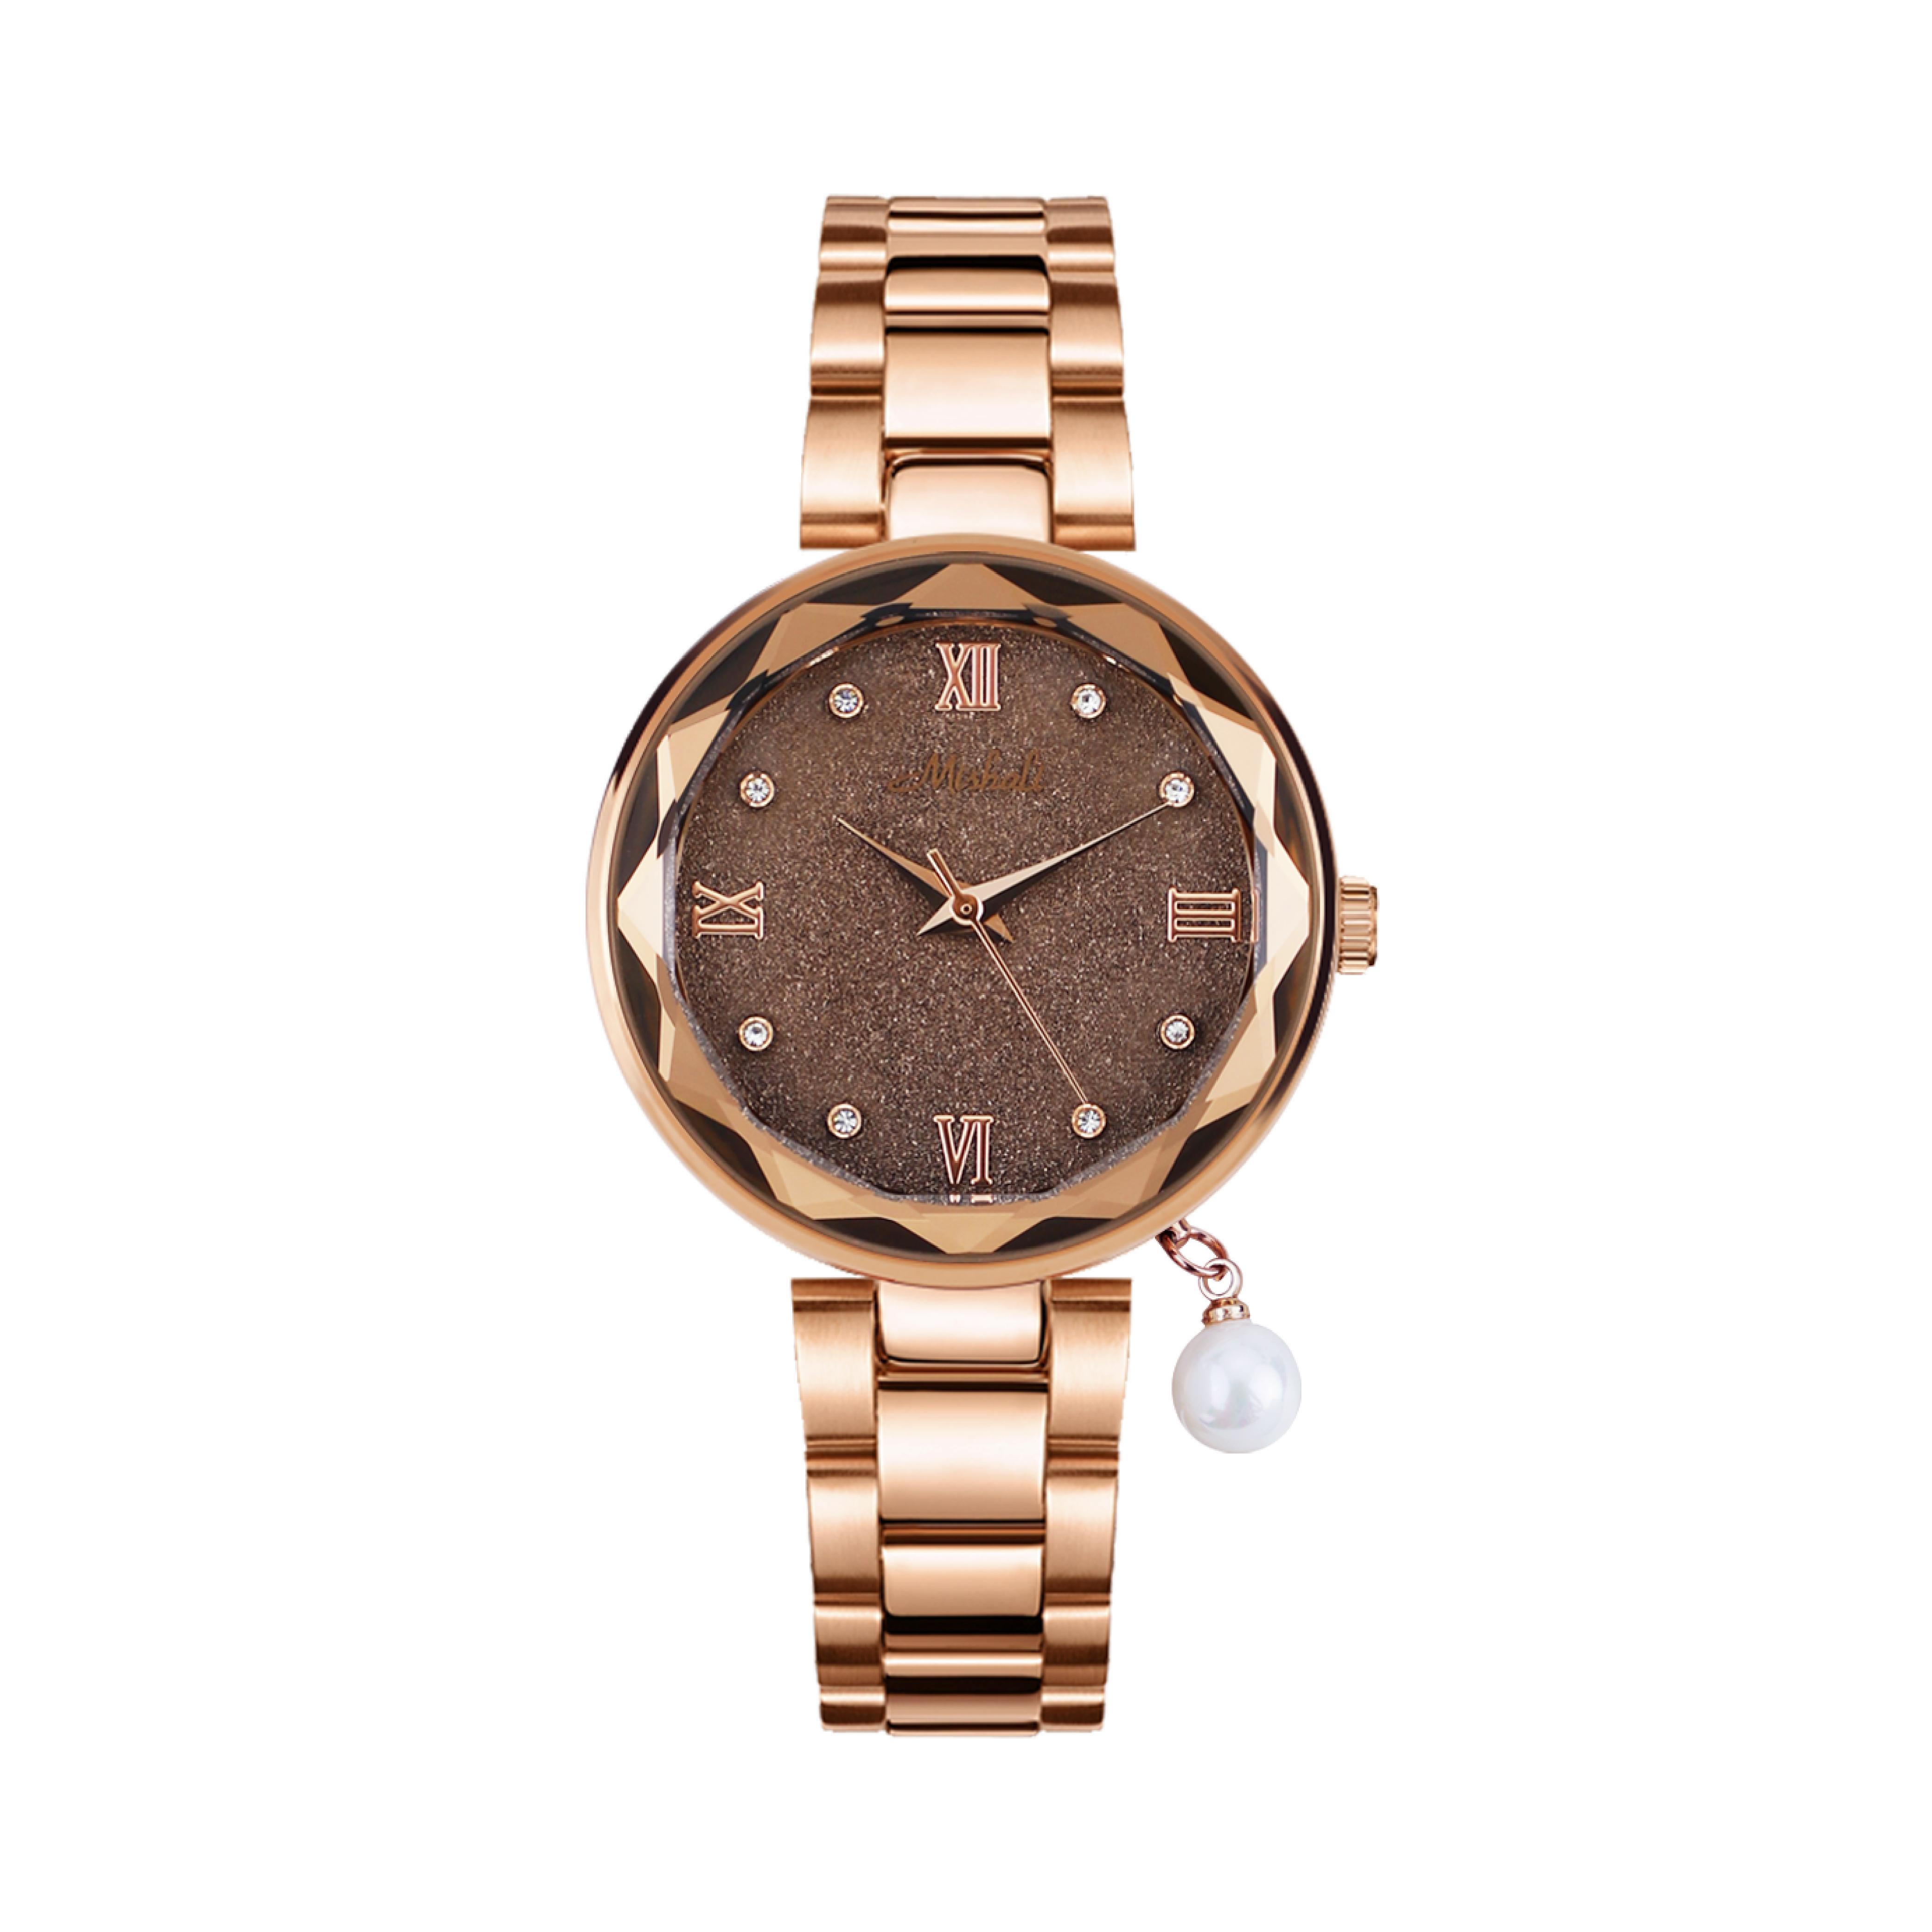 นาฬิกาข้อมือผู้หญิง MISHALI M19030 D